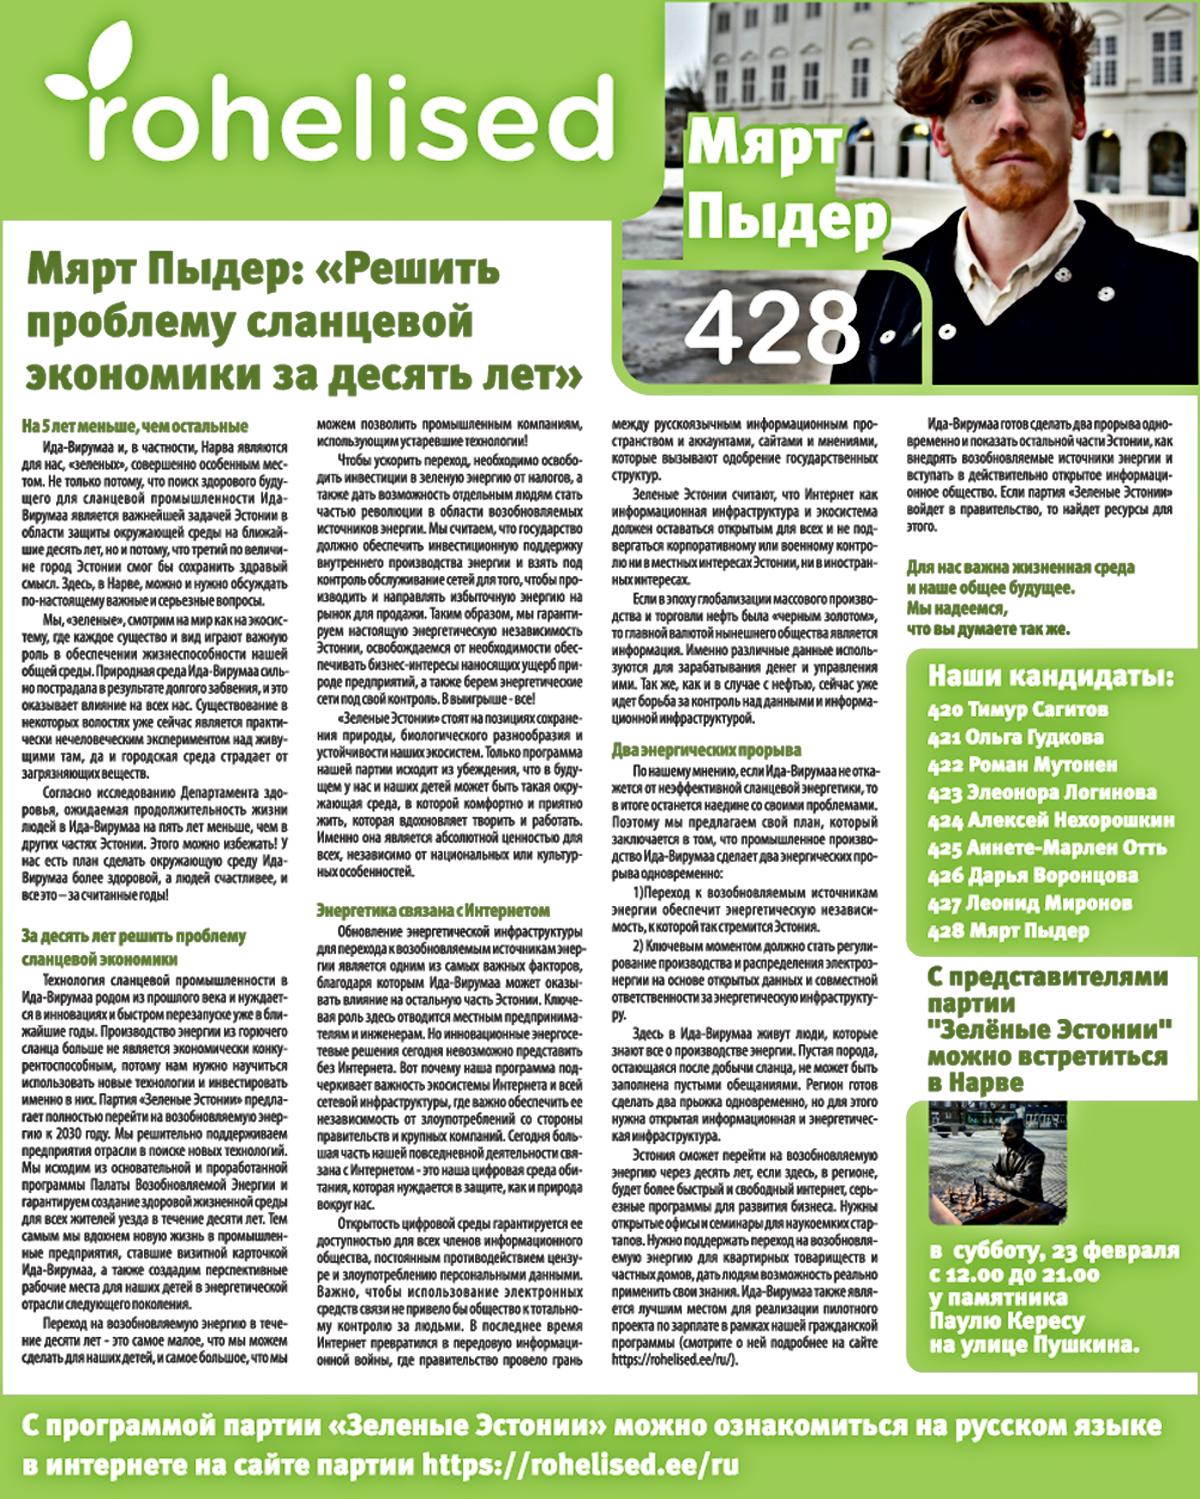 Зеленые Эстонии (428 MÄRT PÕDER Ида-Вирумаа)